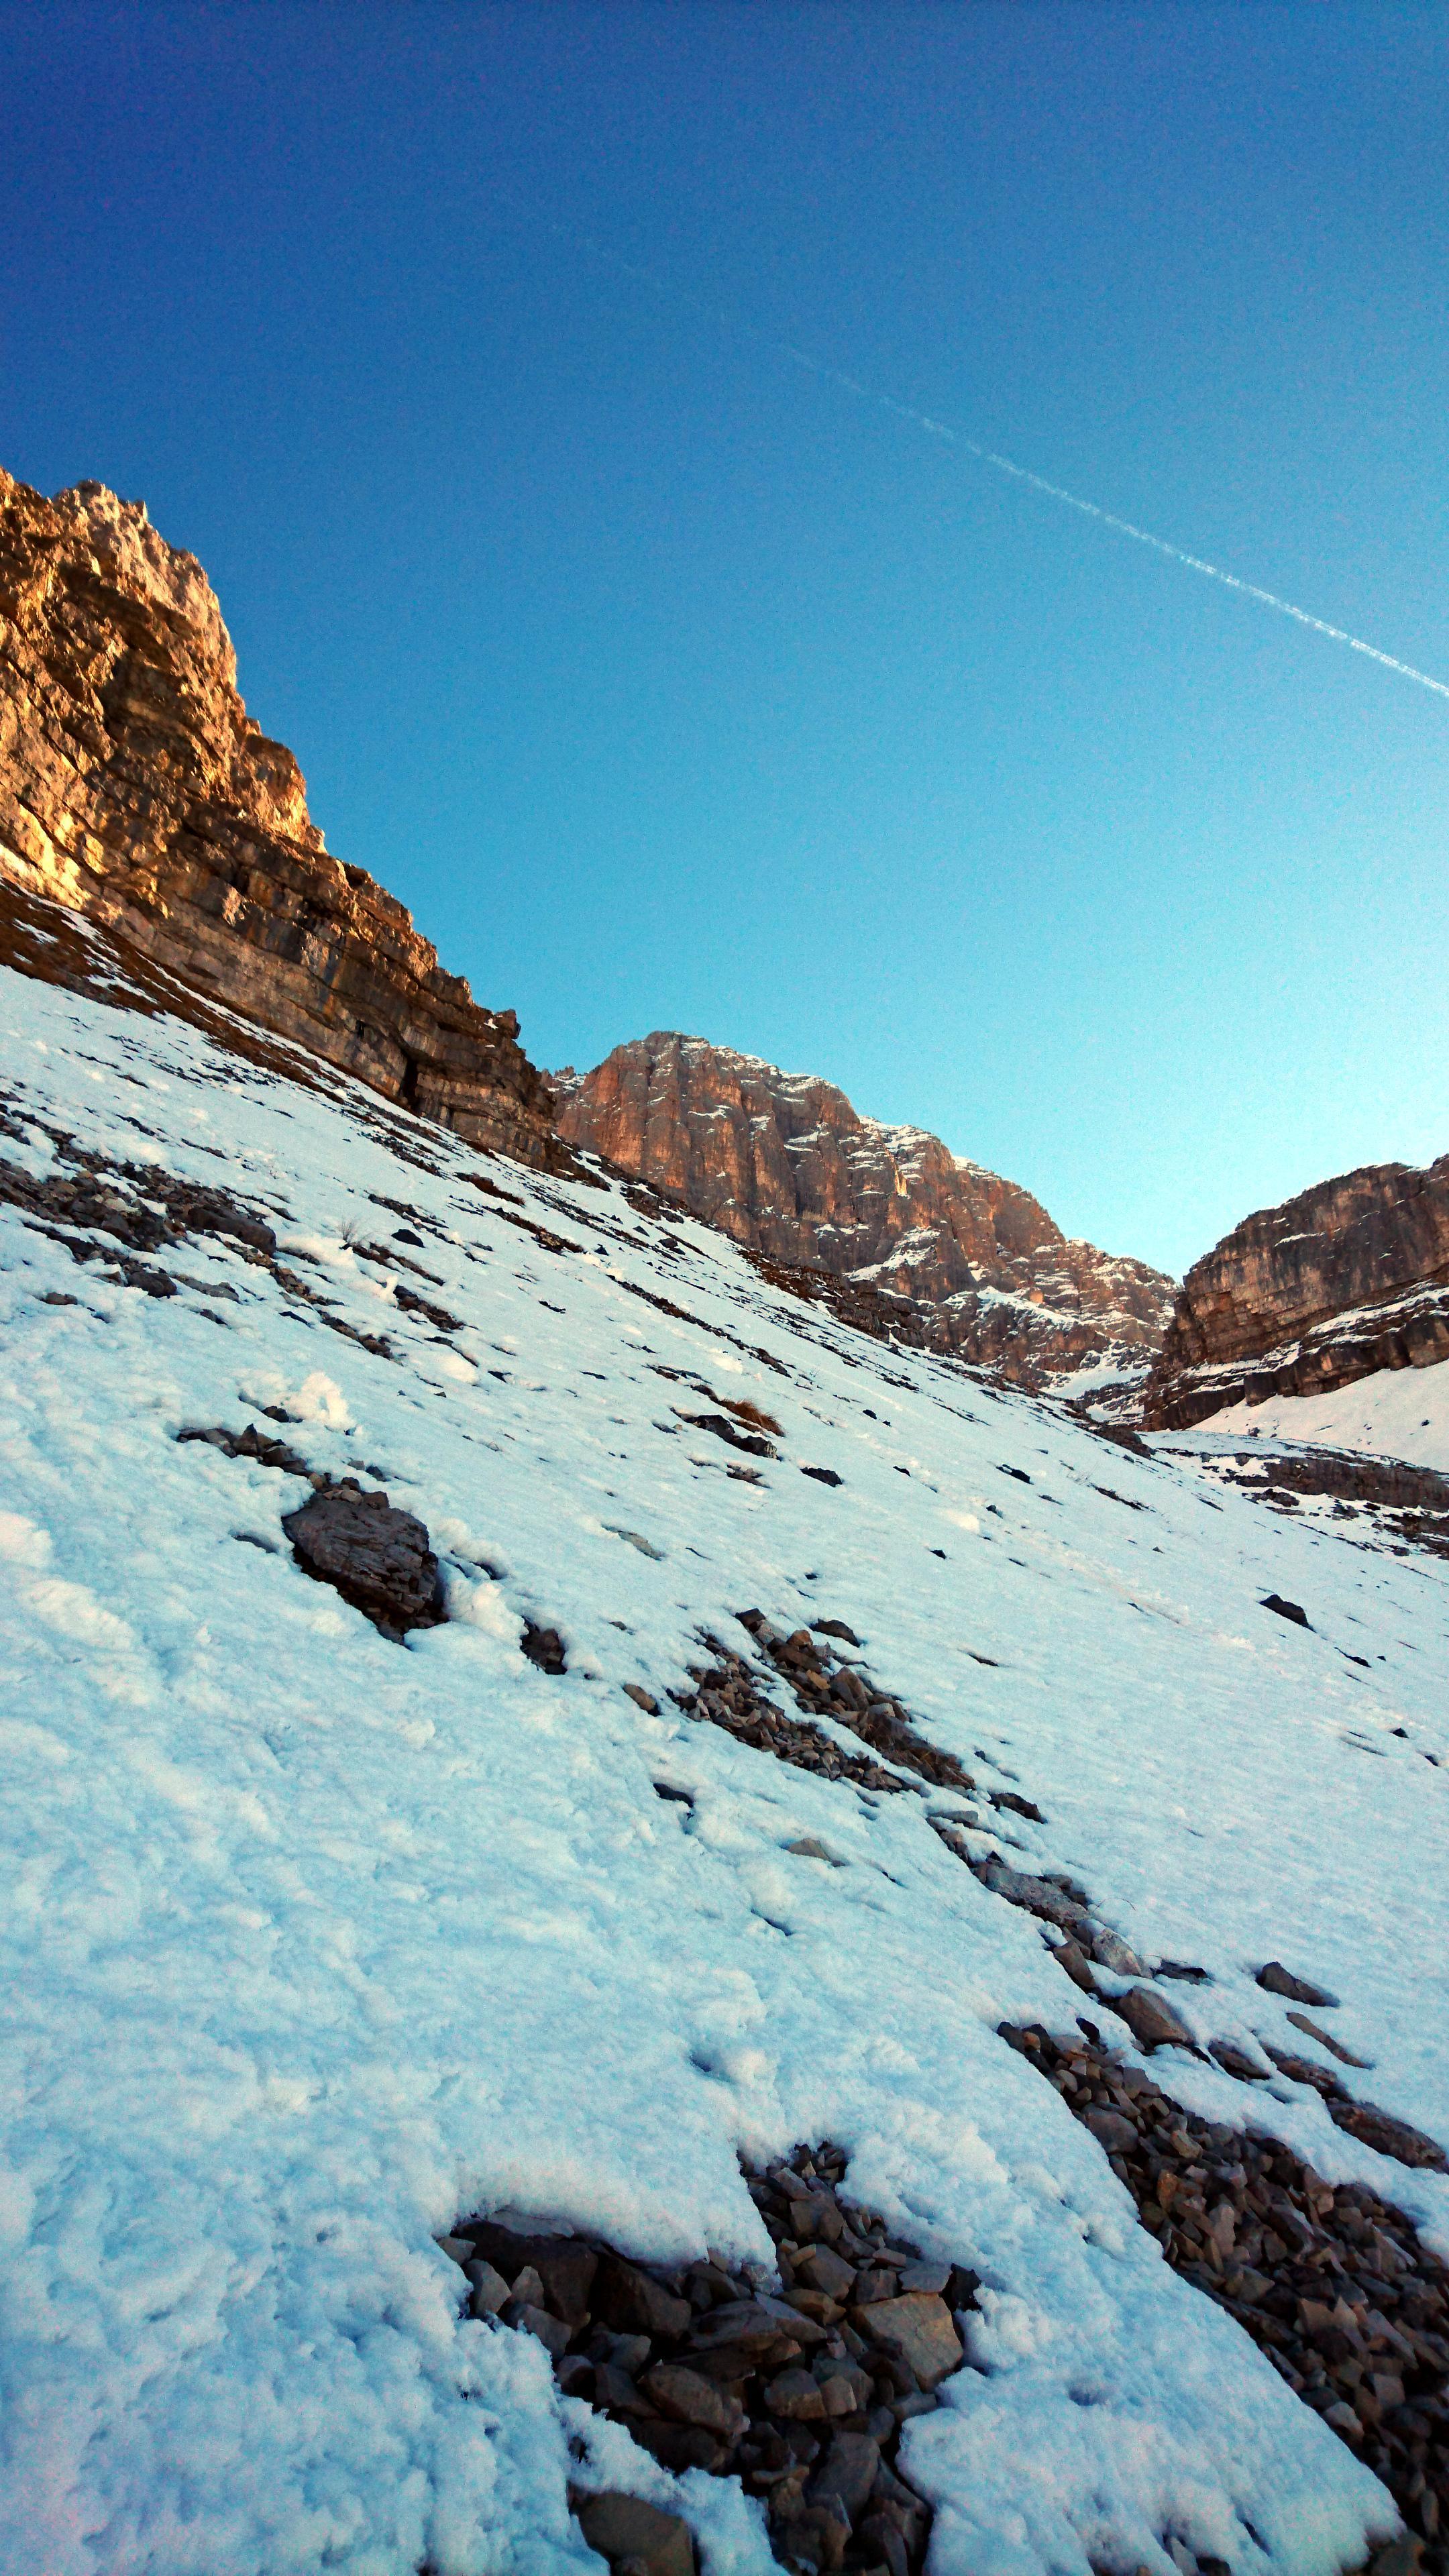 La parte finale del pendio è un po' più ripida e c'è anche meno neve. Un po' di attenzione